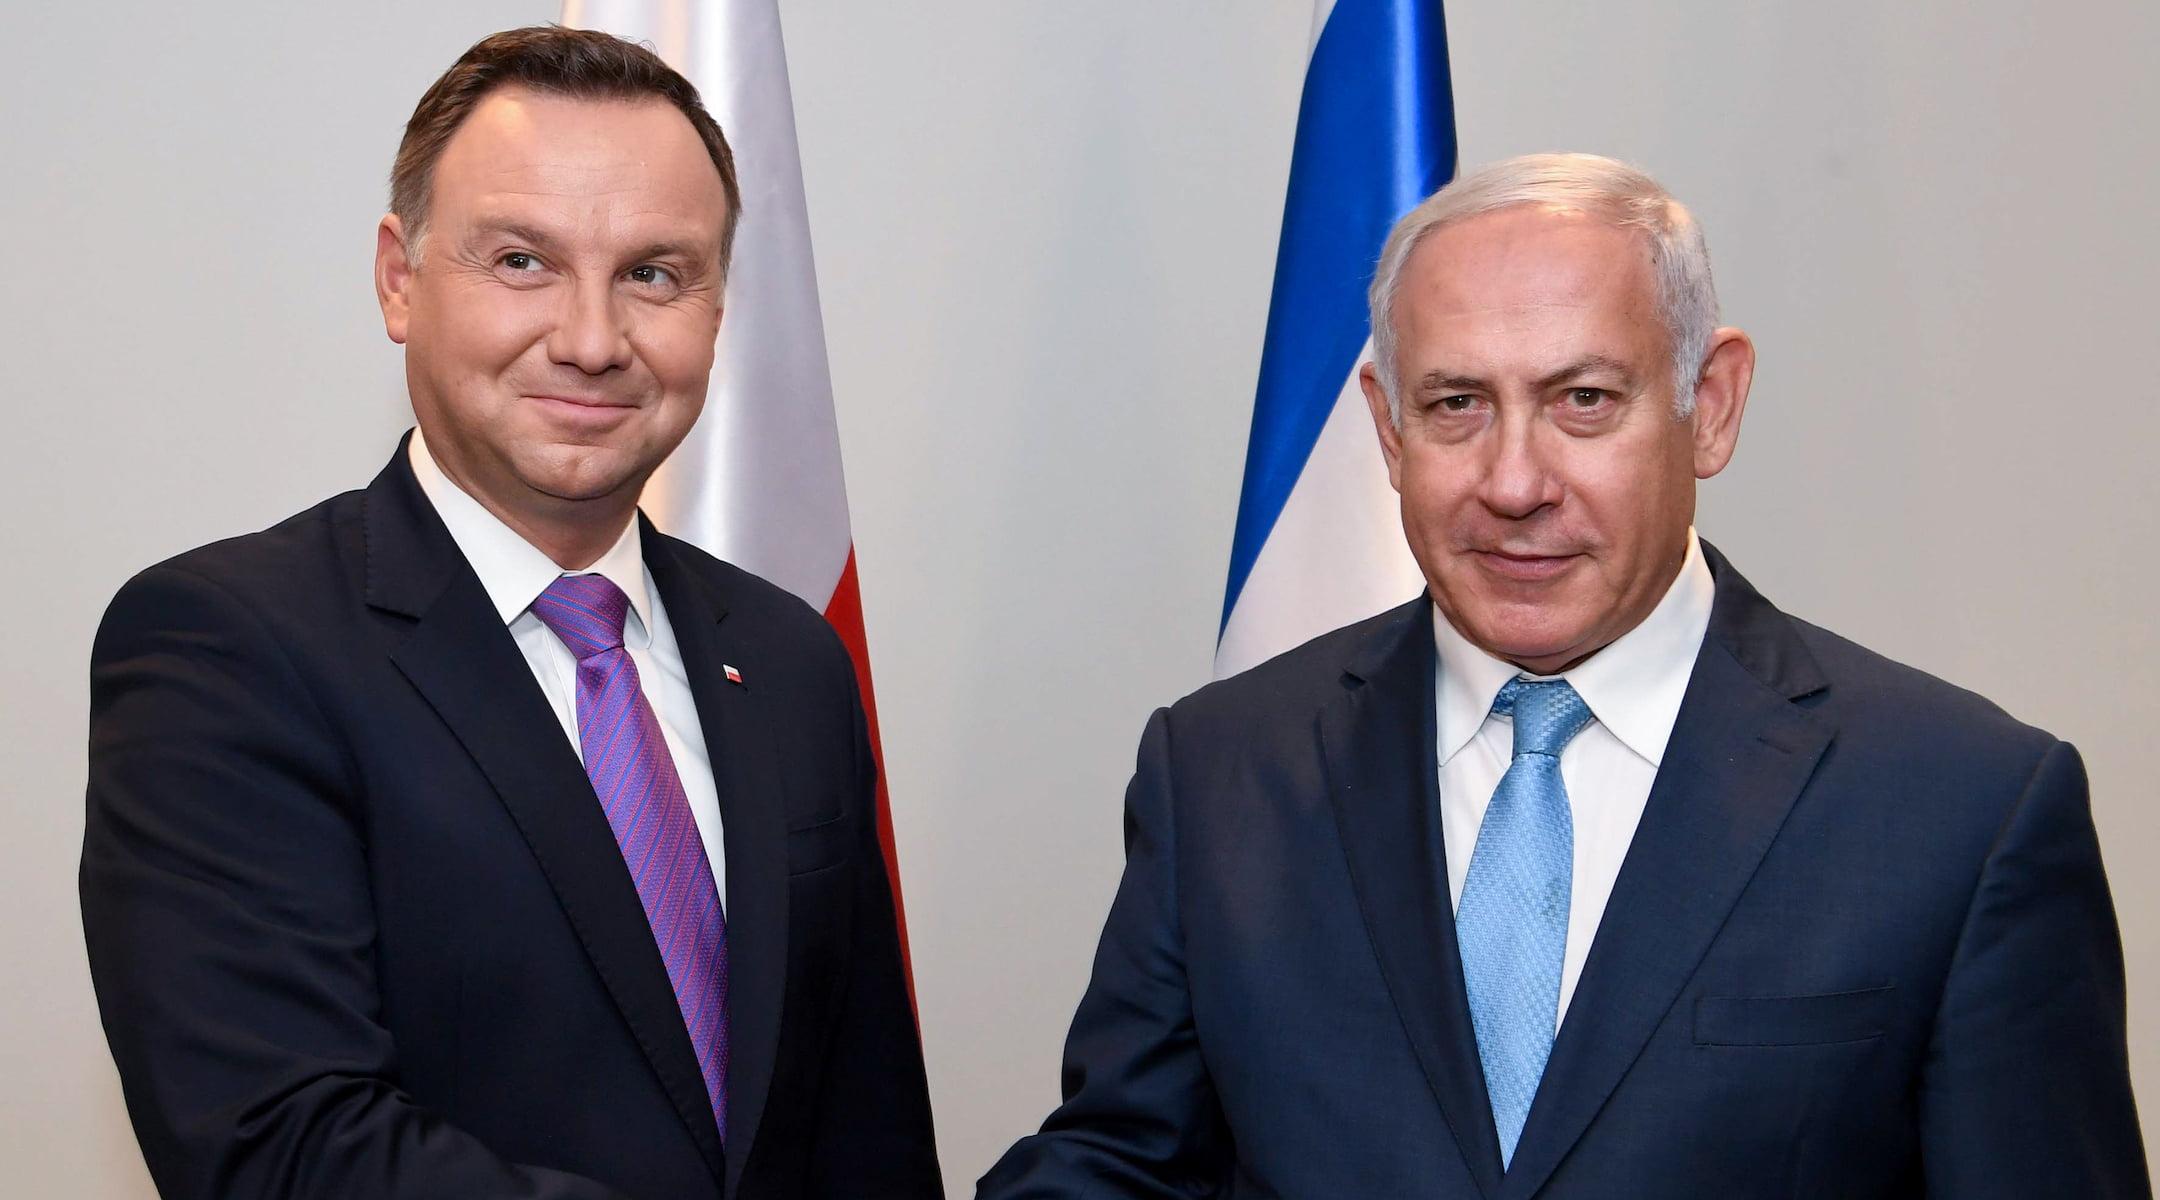 Le Premier ministre israélien Benjamin Netanyahu, à droite, rencontre le président polonais Andrzej Duda au siège des Nations Unies à New York, le 26 septembre 2018. (Avi Ohayon/GPO